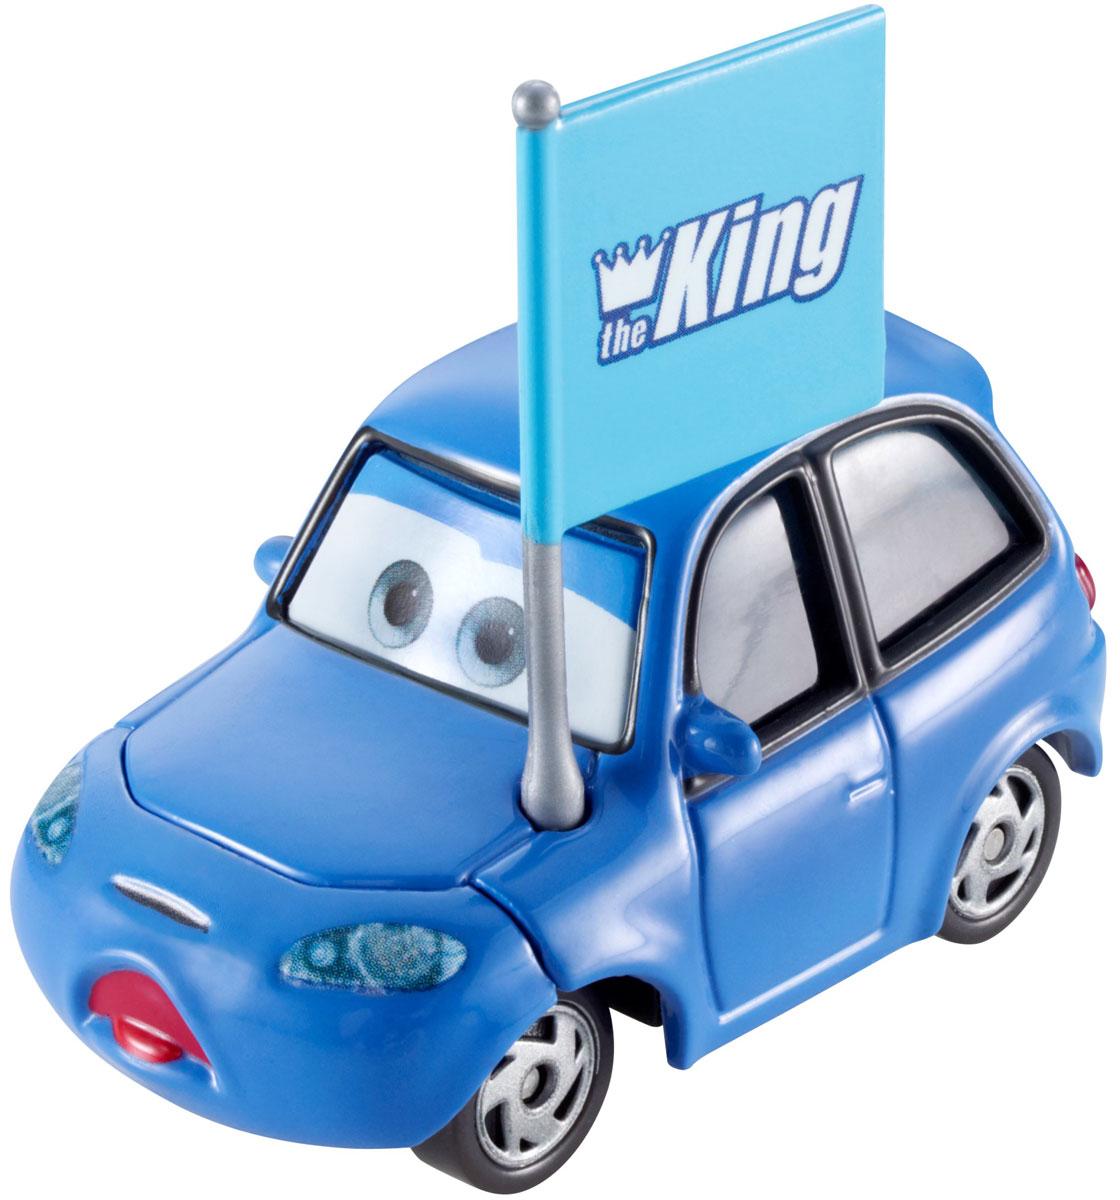 Cars Машинка Мэтью Свой парень Маккрос костюмы аксарт комплект мэтью